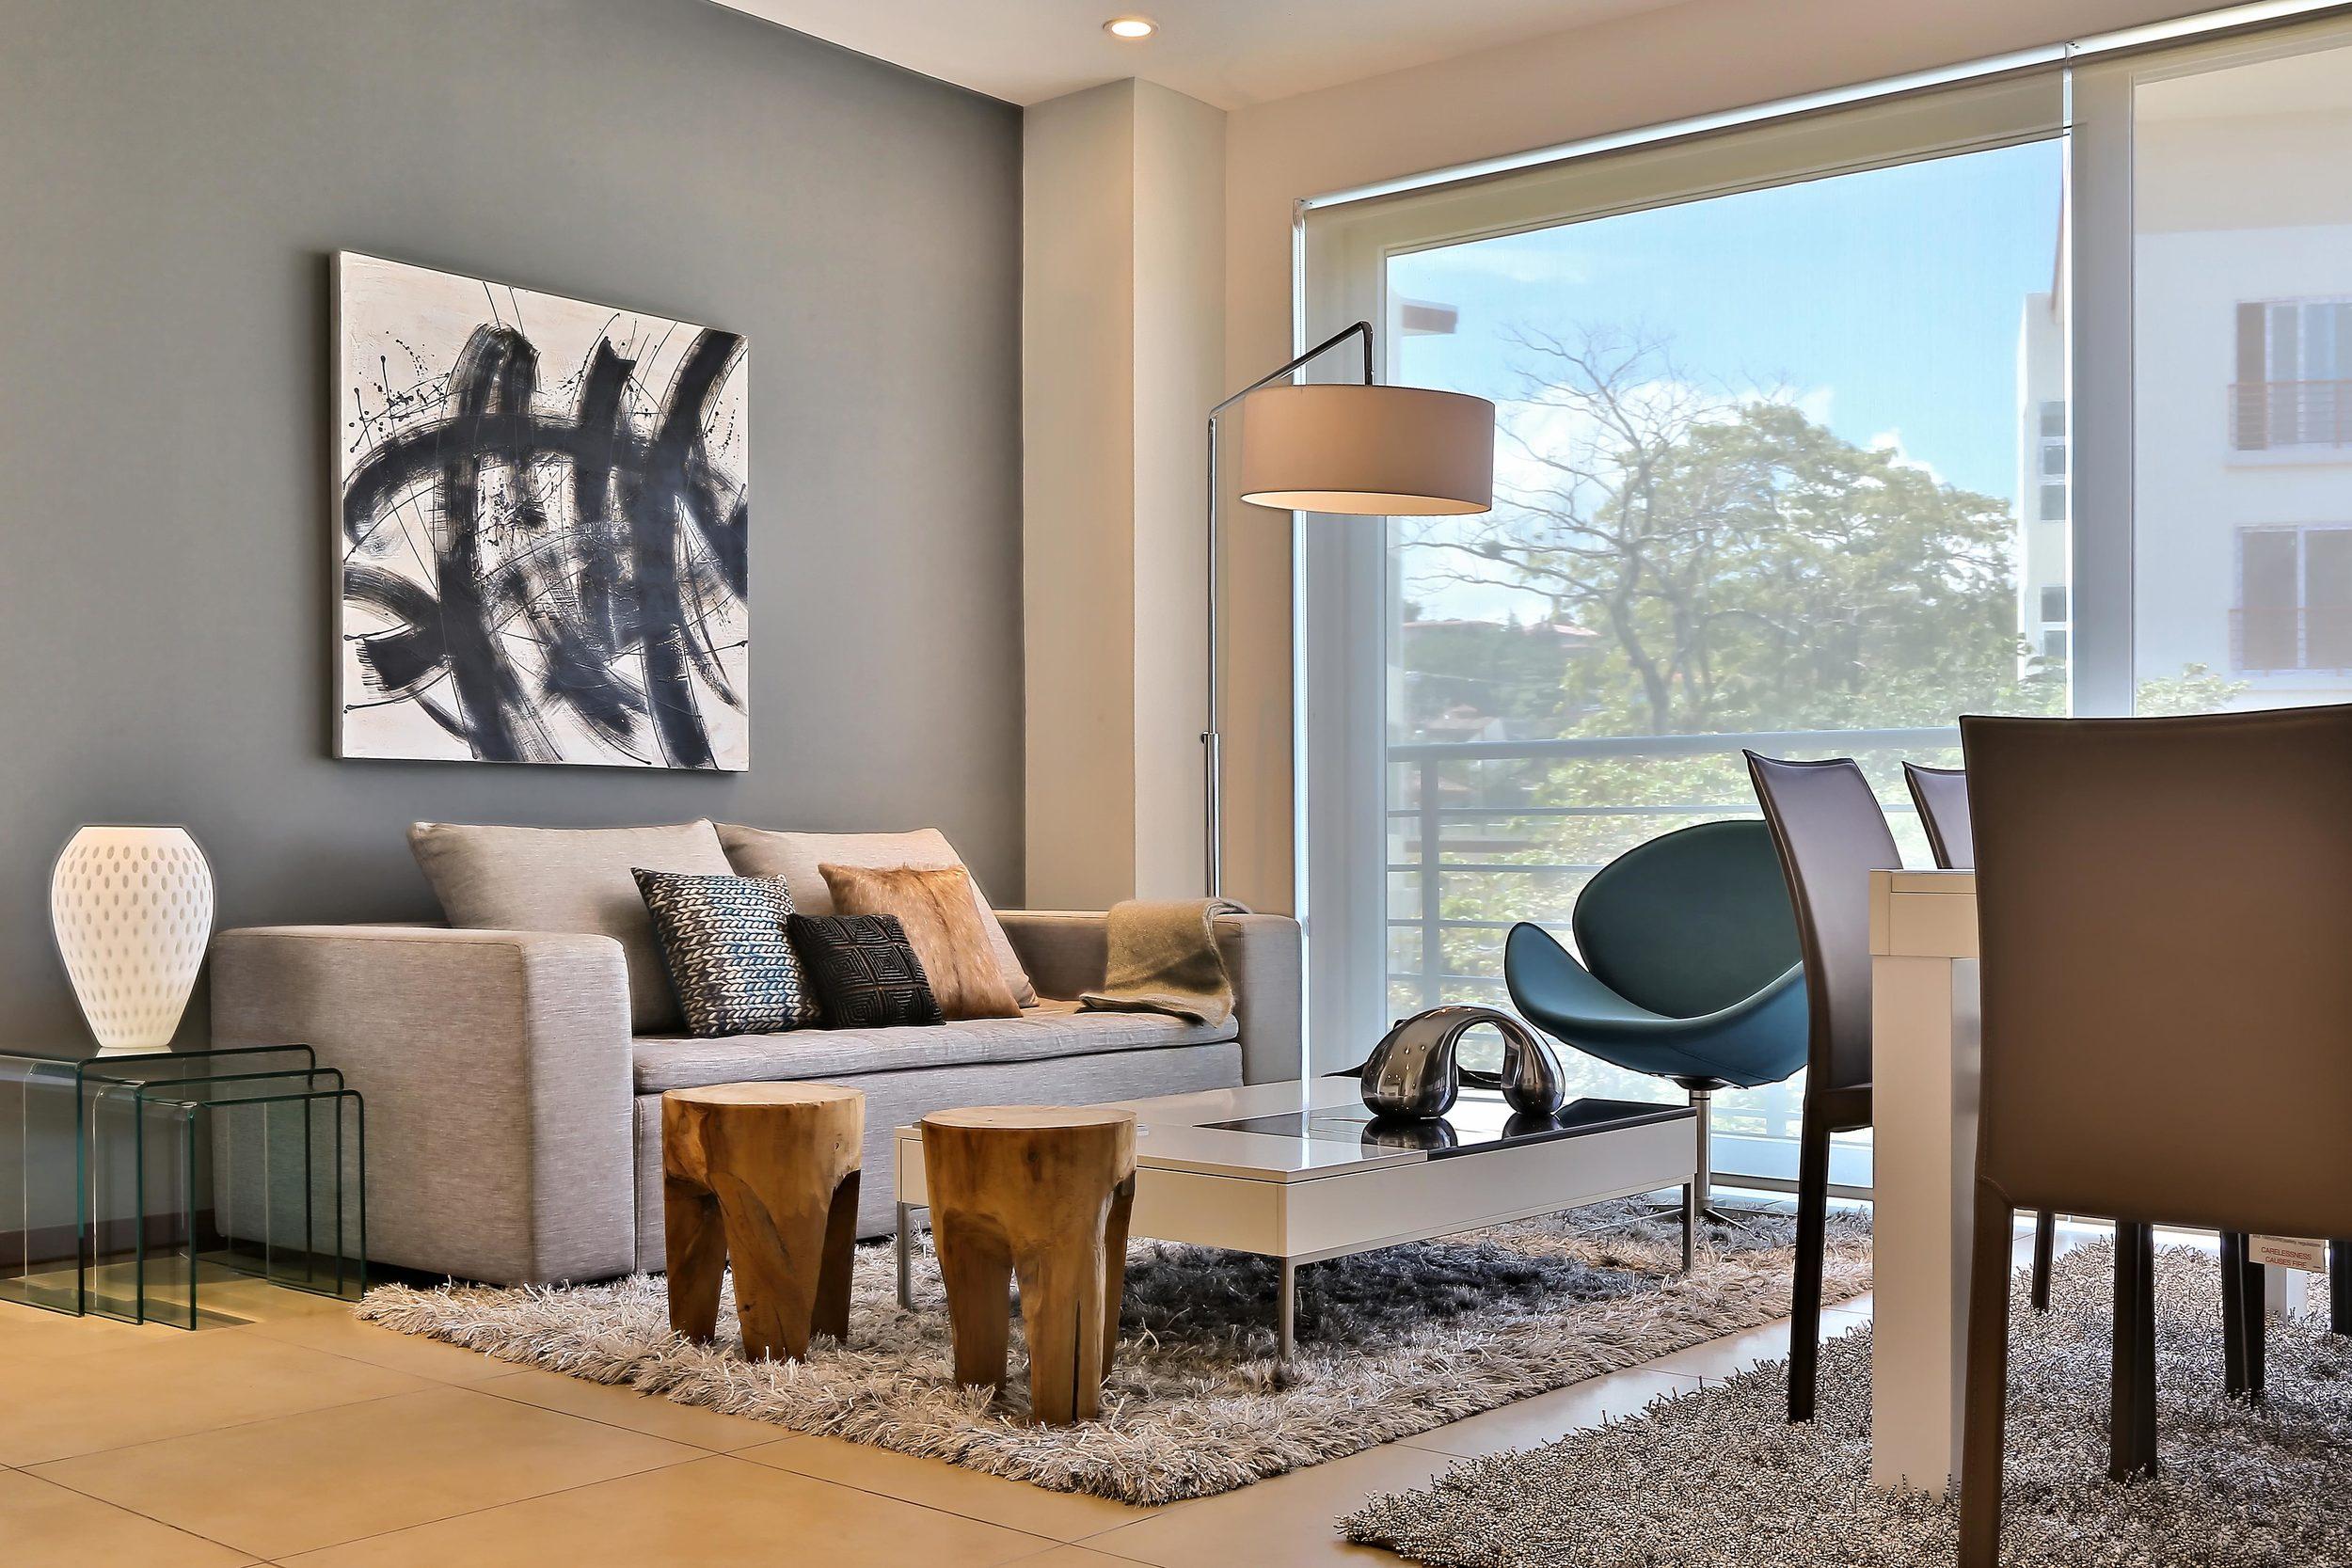 039 Interior design portafolio.jpg